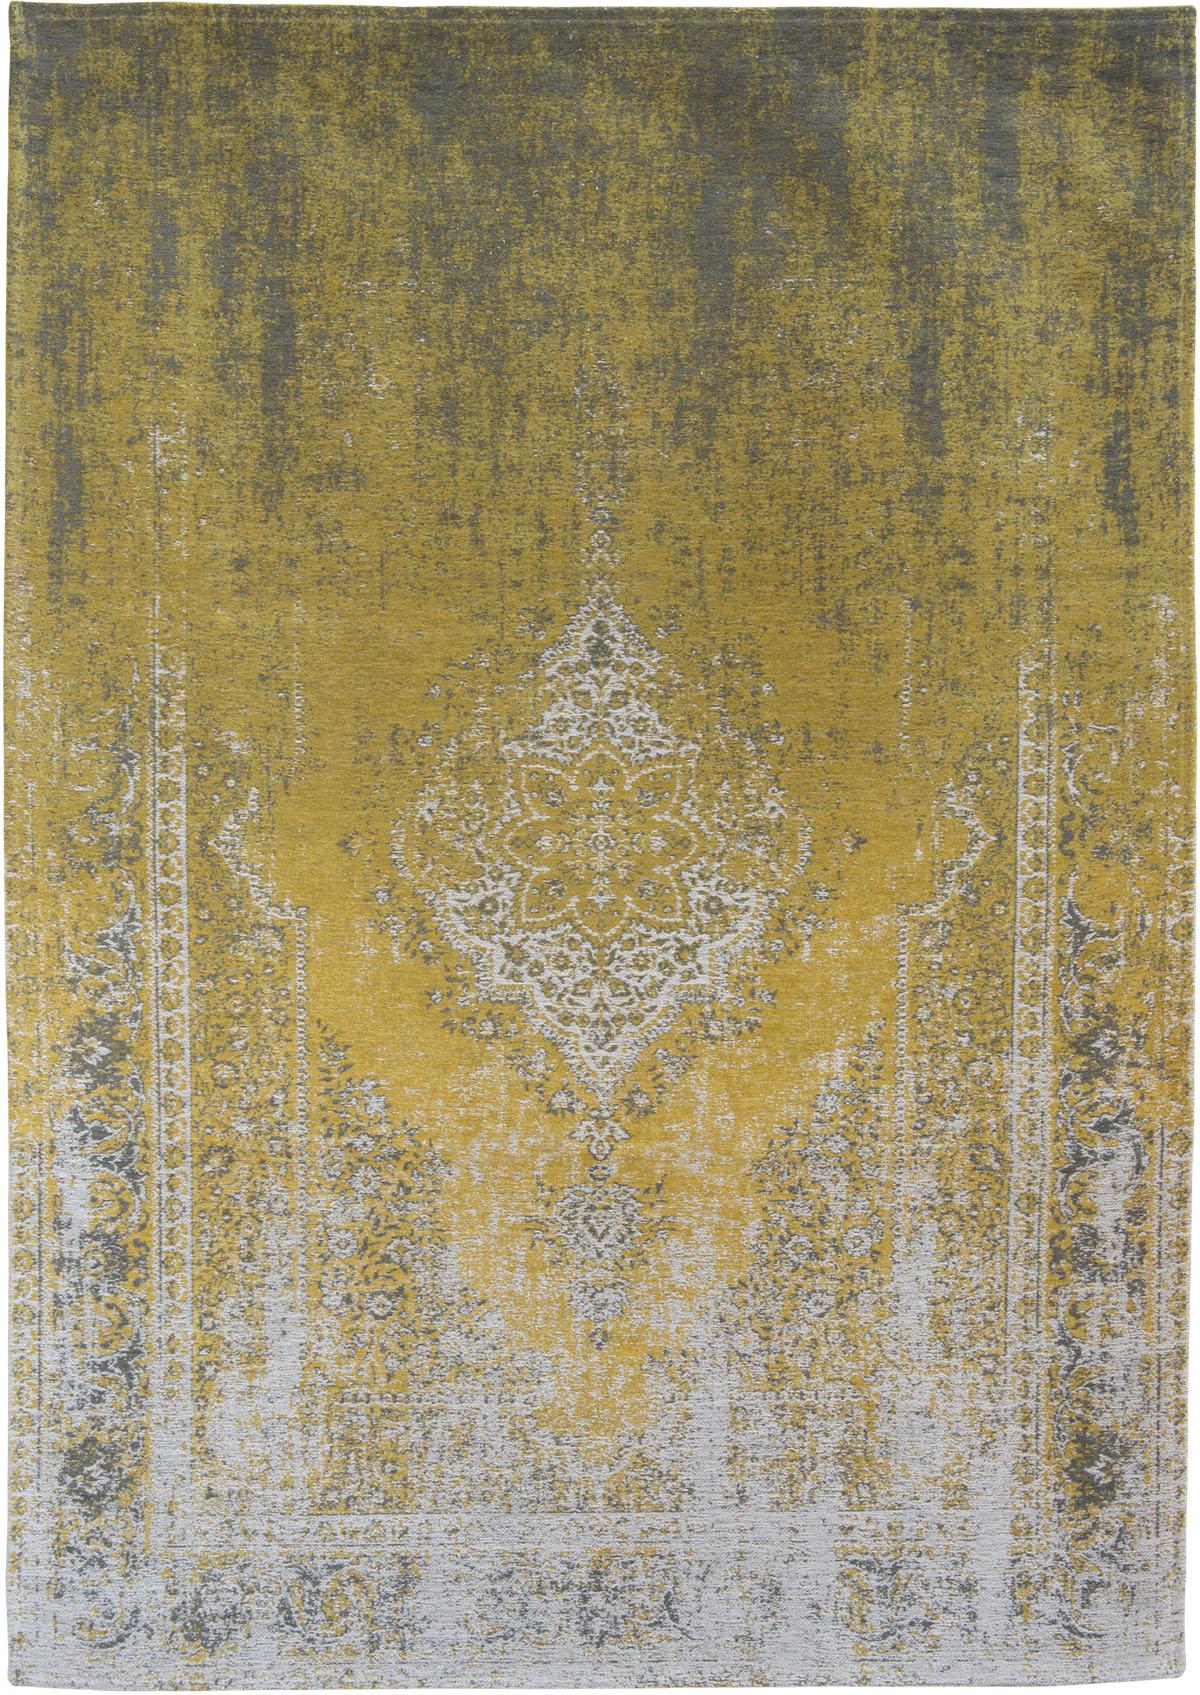 Żółty Dywan Klasyczny - YUZU CREAM 8638 - Rozmiar: 200x280 cm